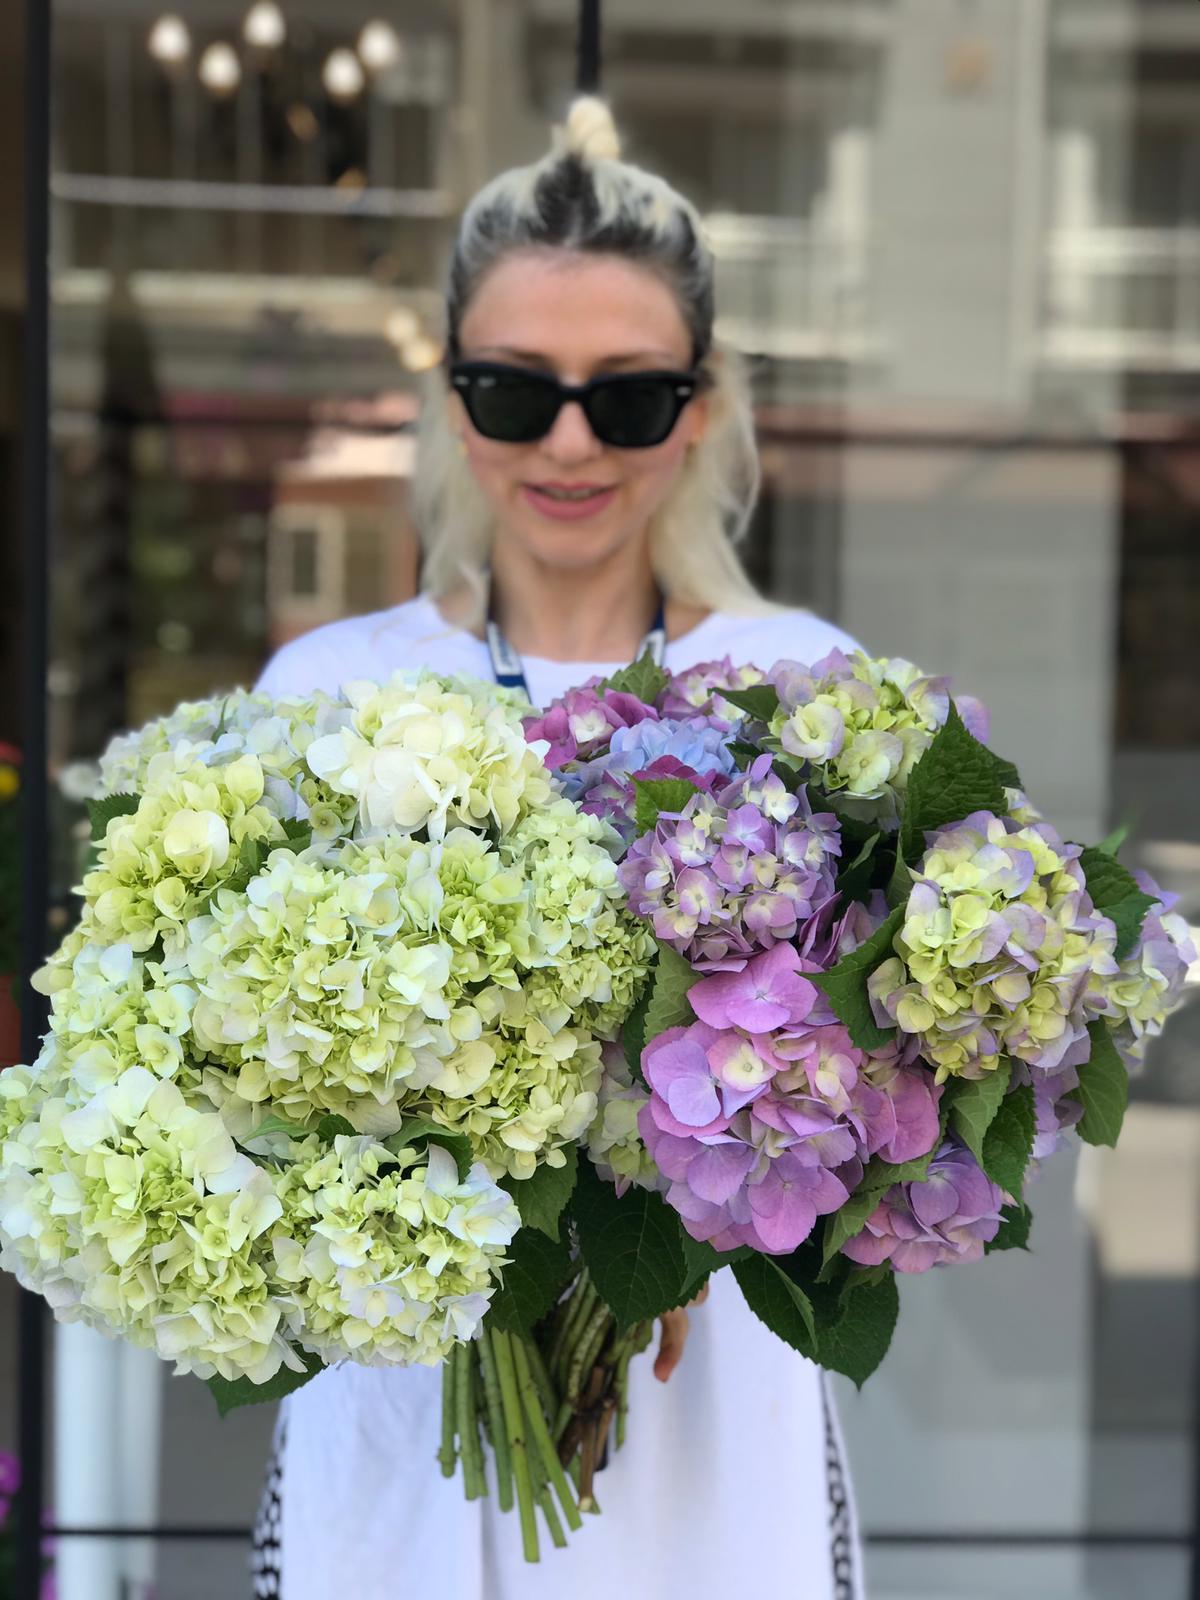 İskenderun'da Daphne Flowers Çiçek Sektörünü Değiştiriyor